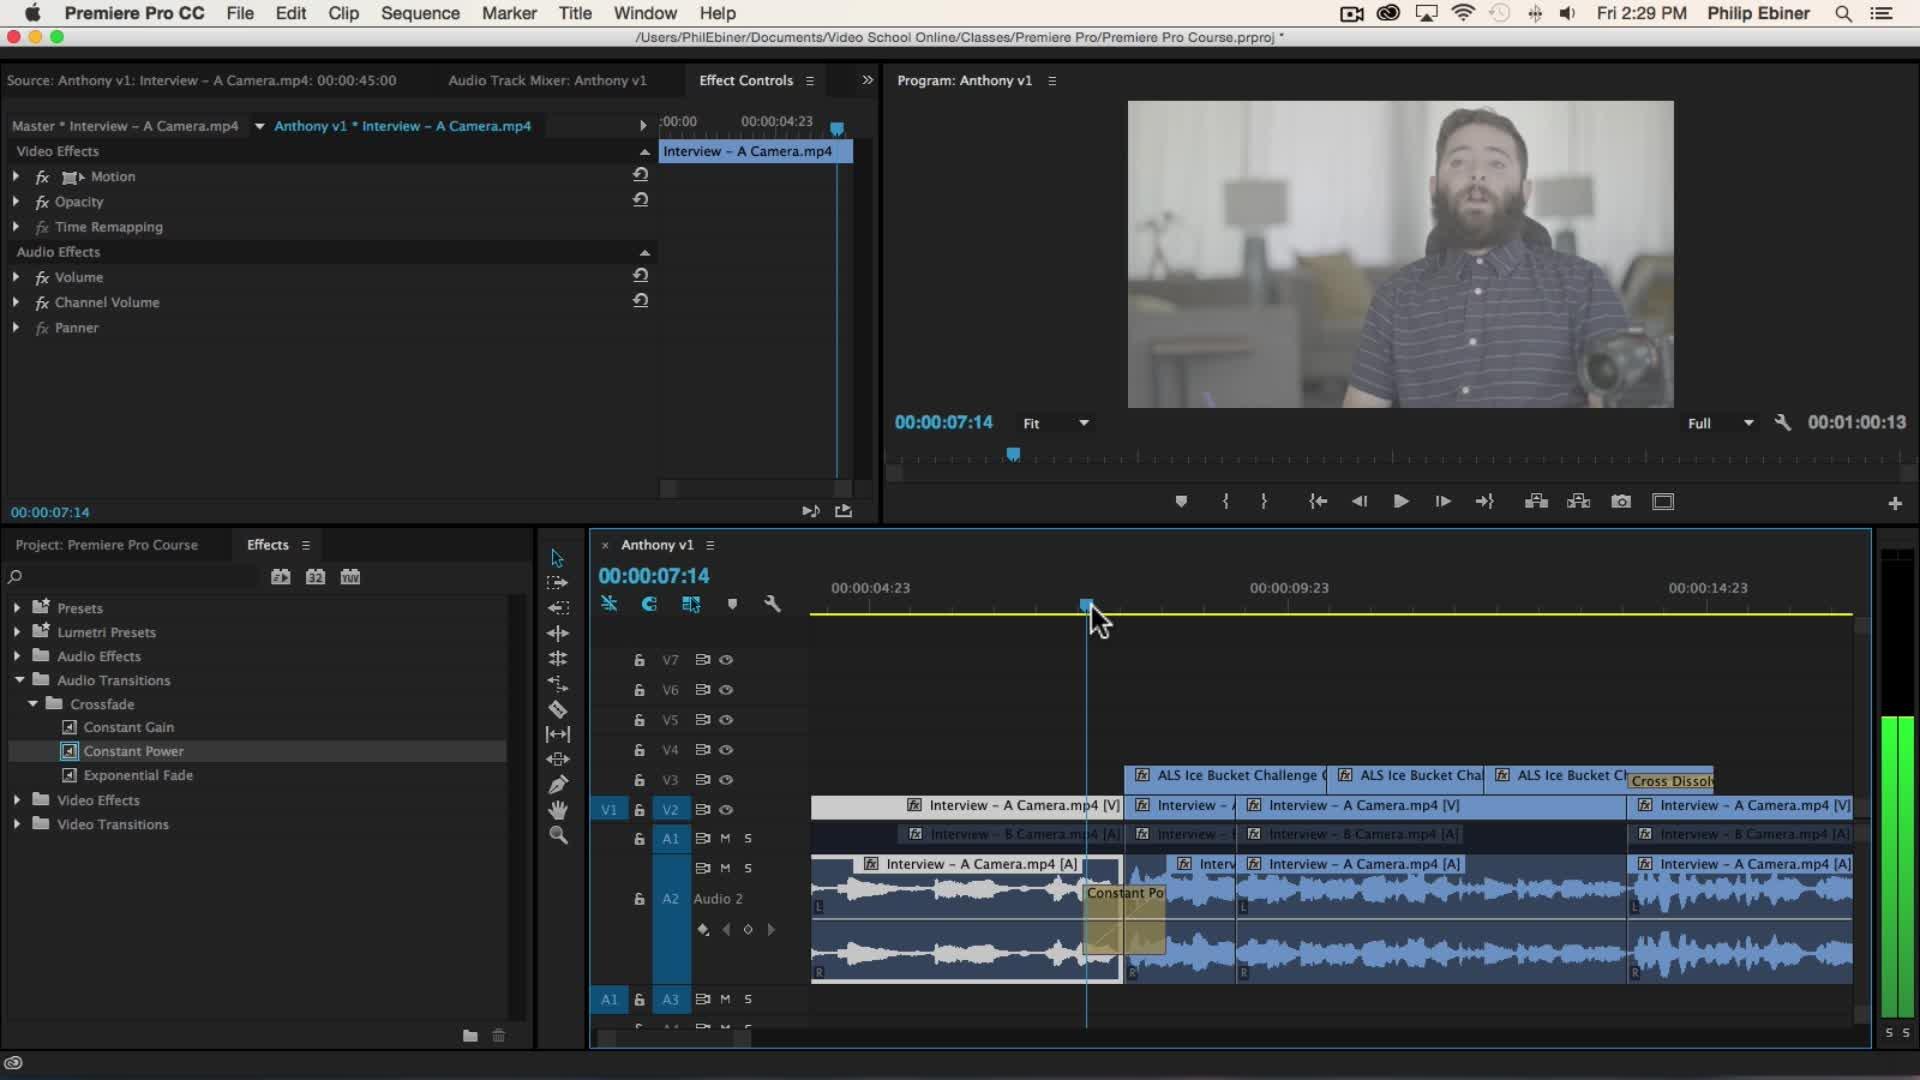 Adobe Premiere Pro CC - The Complete Course | Phil Ebiner | Skillshare